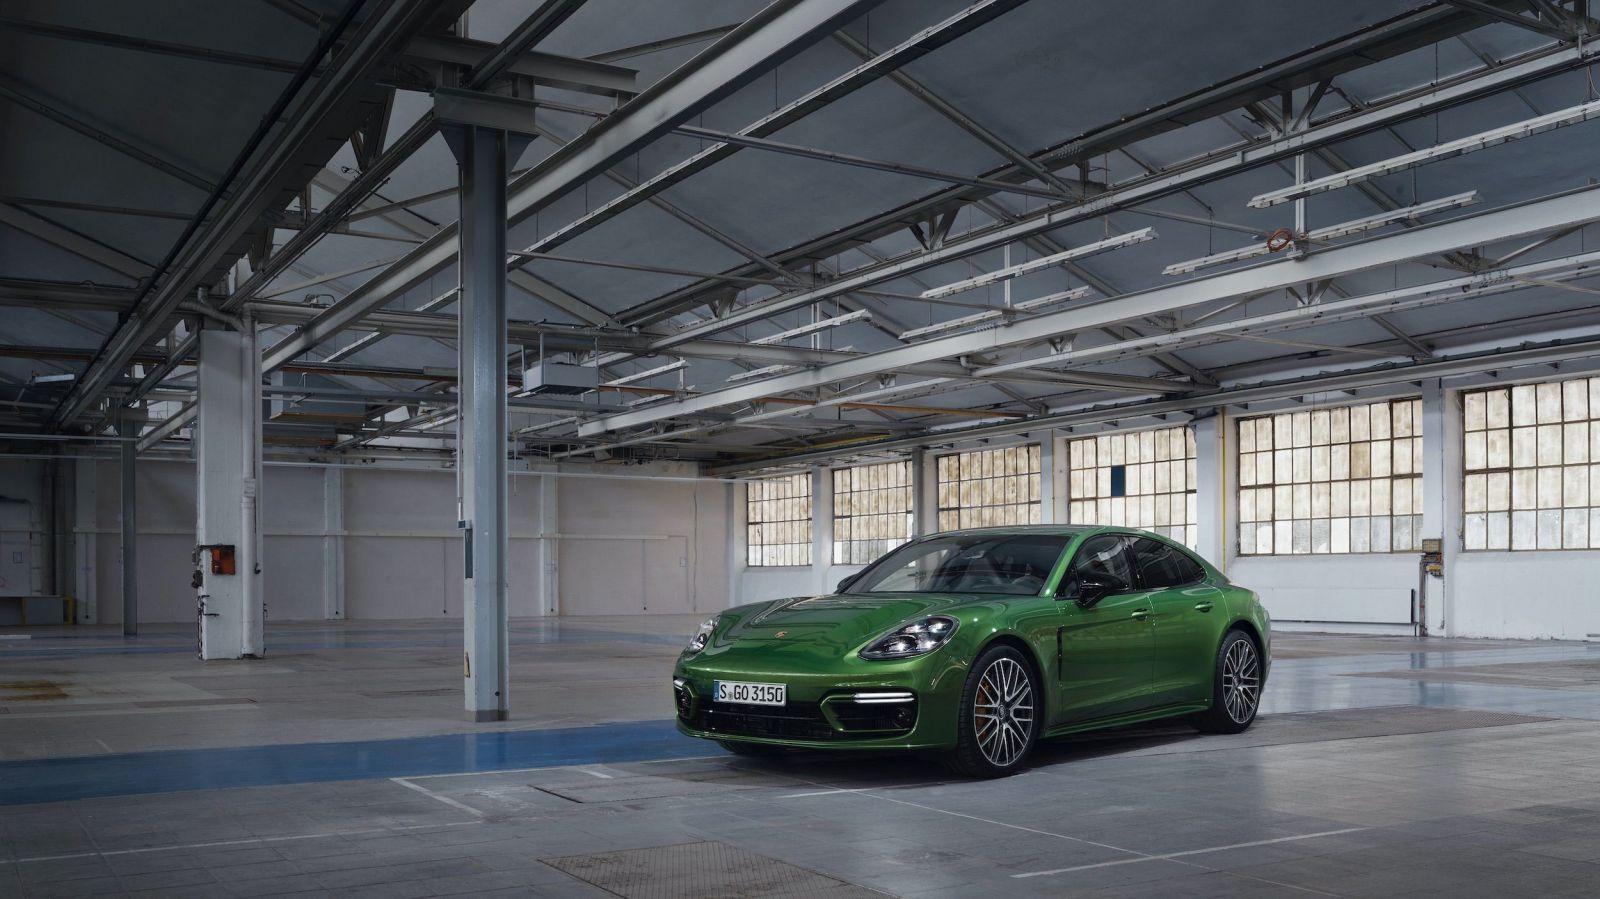 Porsche predstavilo najvýkonnejšiu Panameru všetkých čias, má až 700 koní